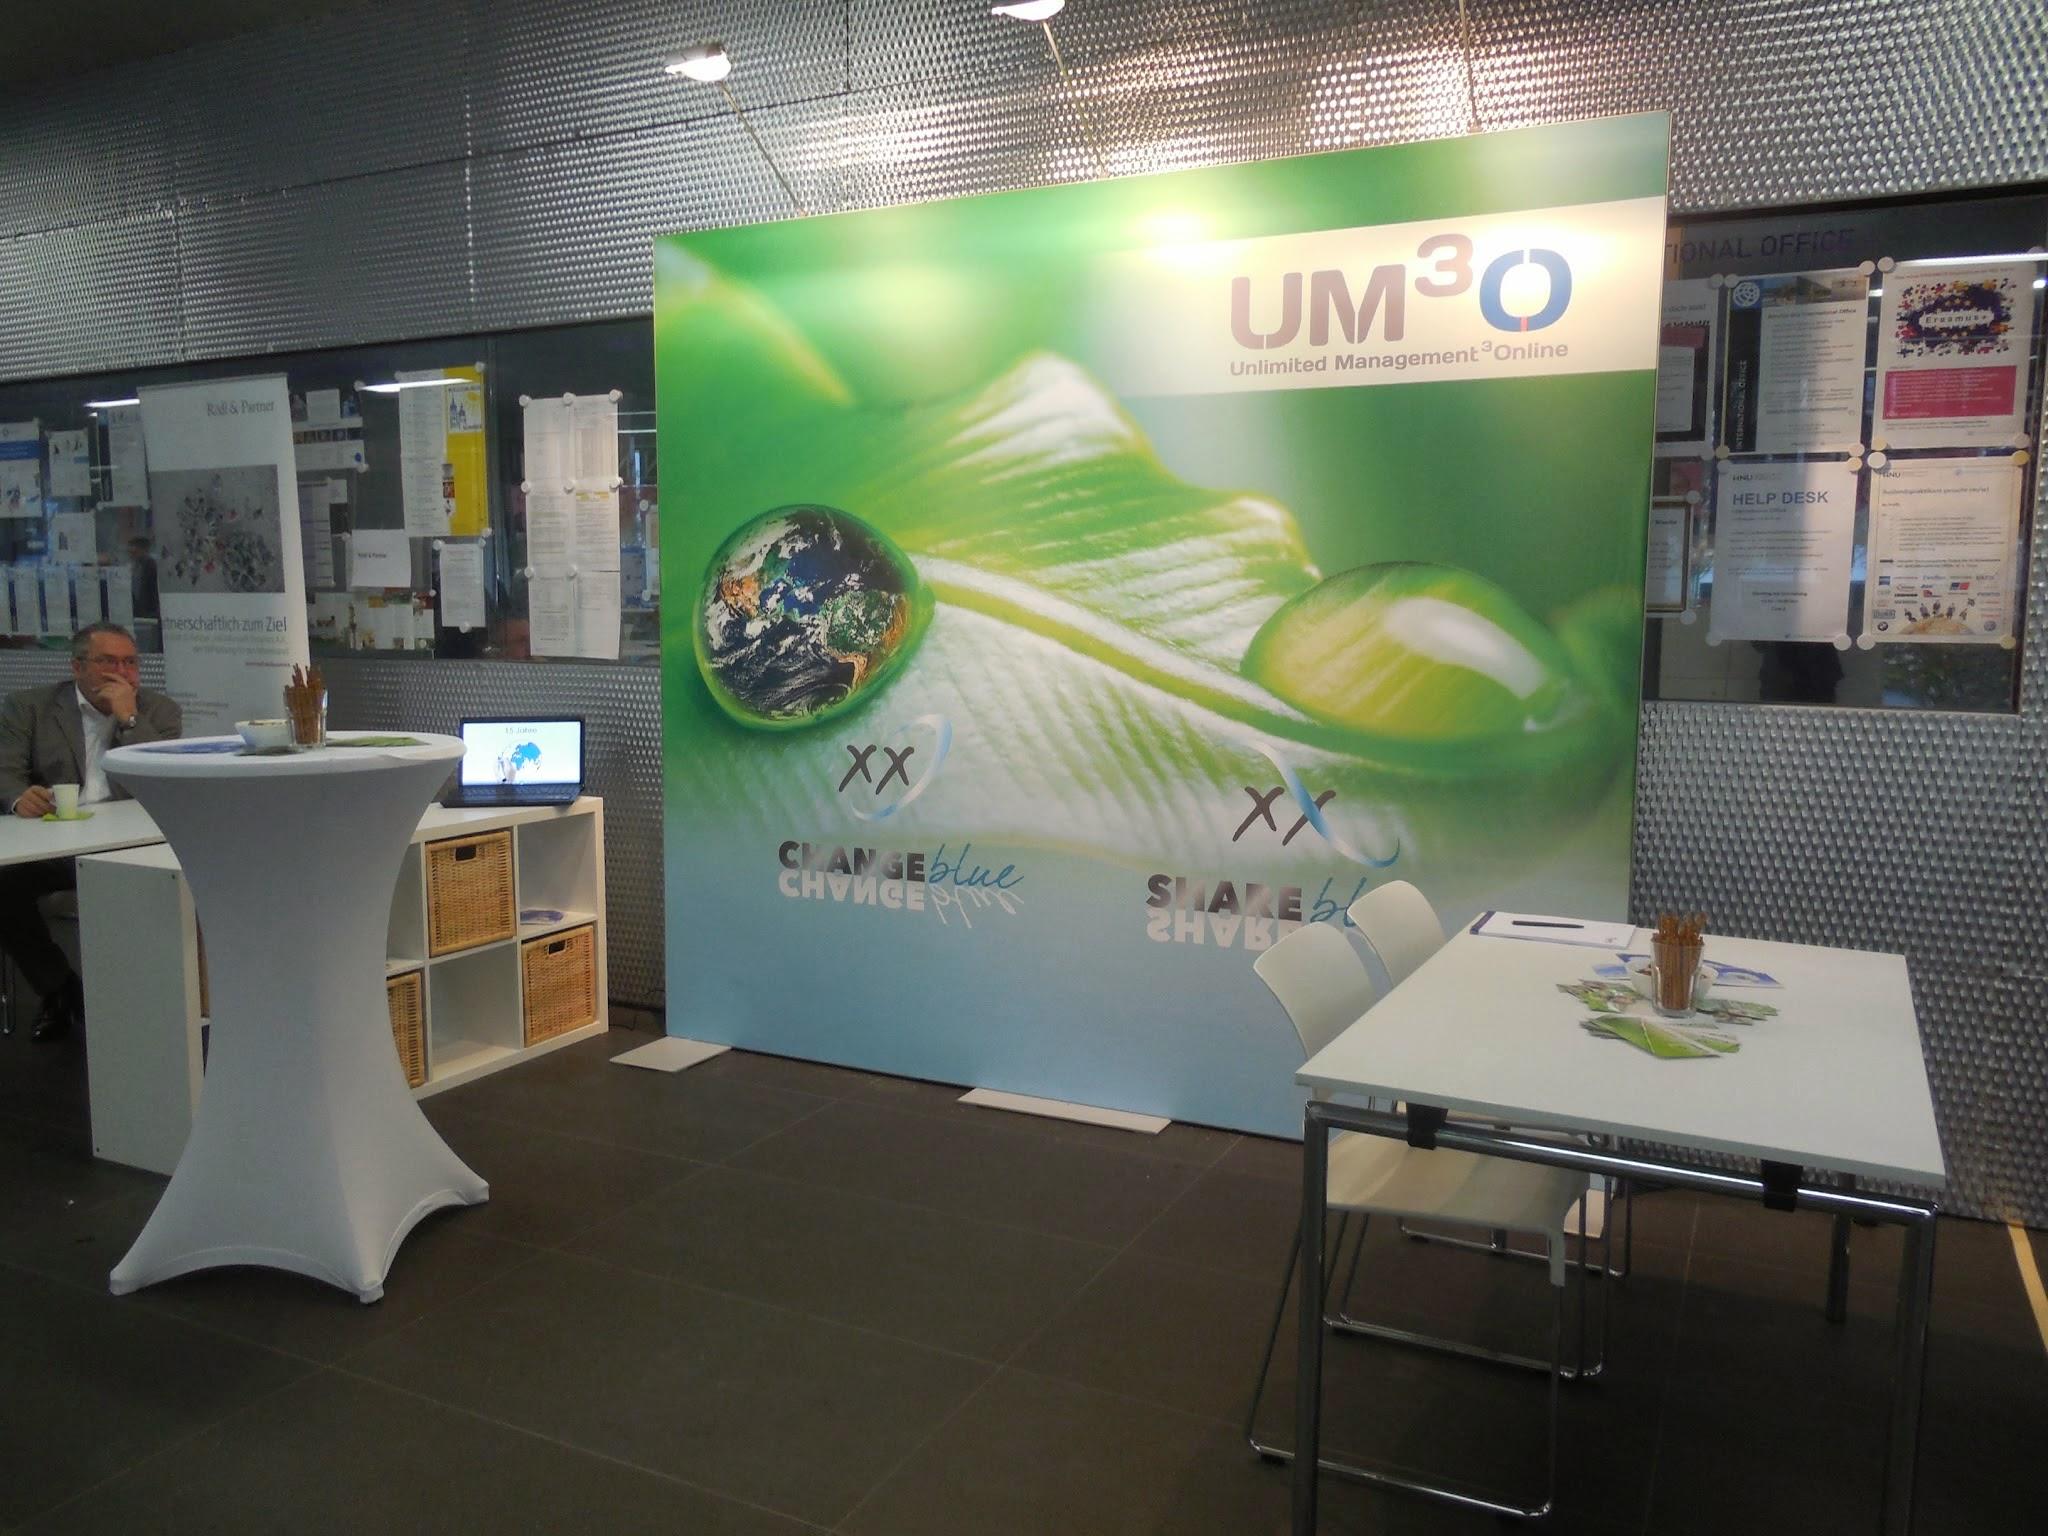 UM3o GmbH - Google+